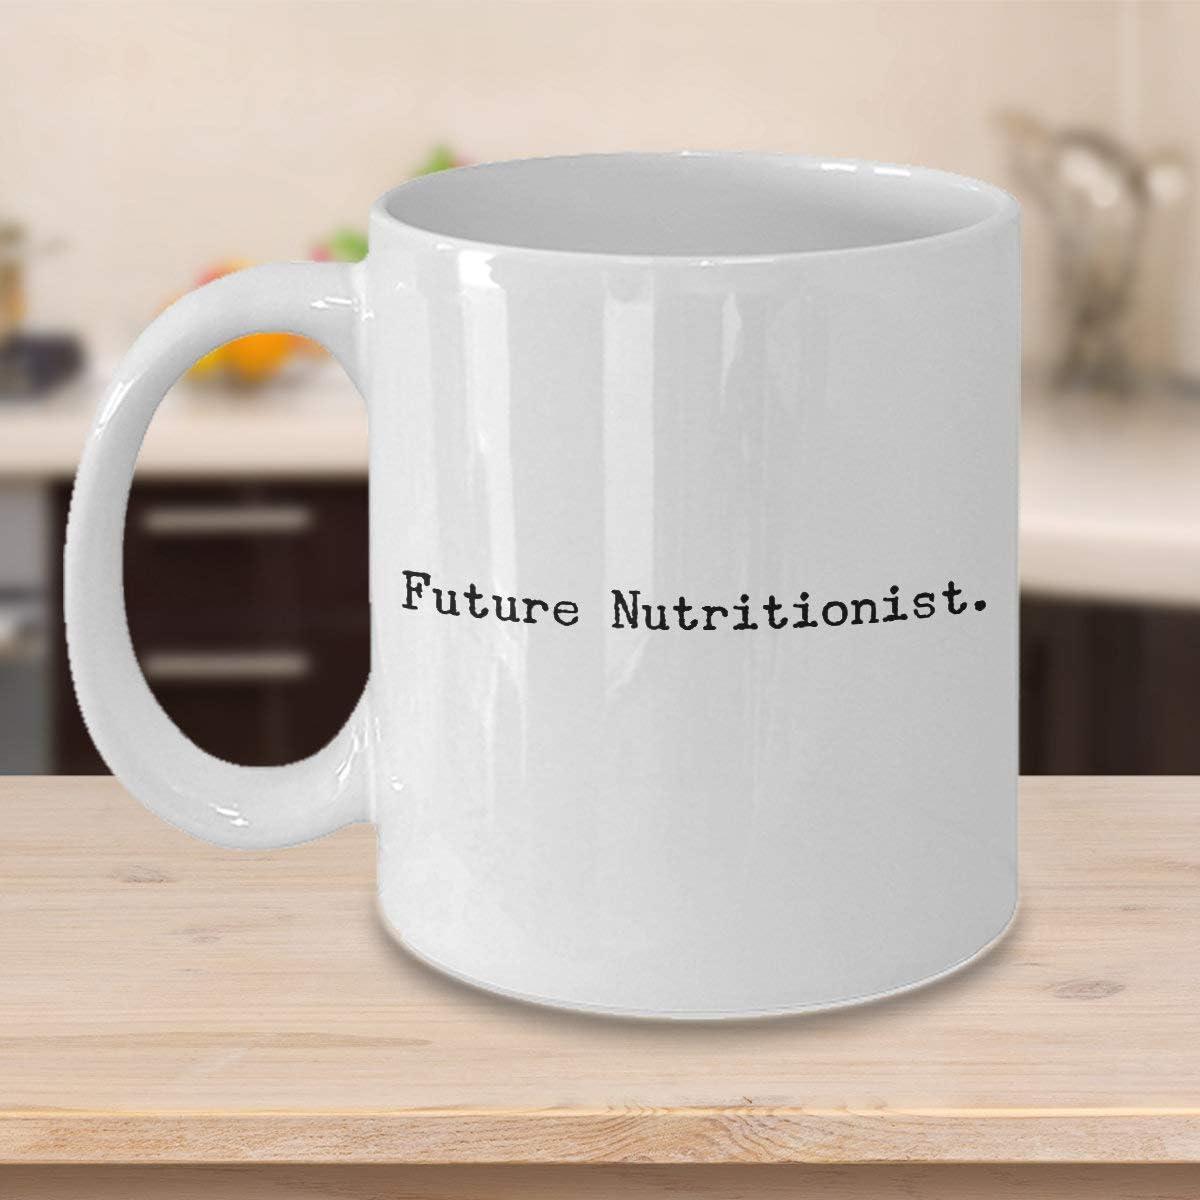 Taza de café nutricionista Funny Future Nutritionist regalo para estudiantes de nutrición, único y fresco y lindo humor sarcasmo, idea de regalo para aprendiz de grado